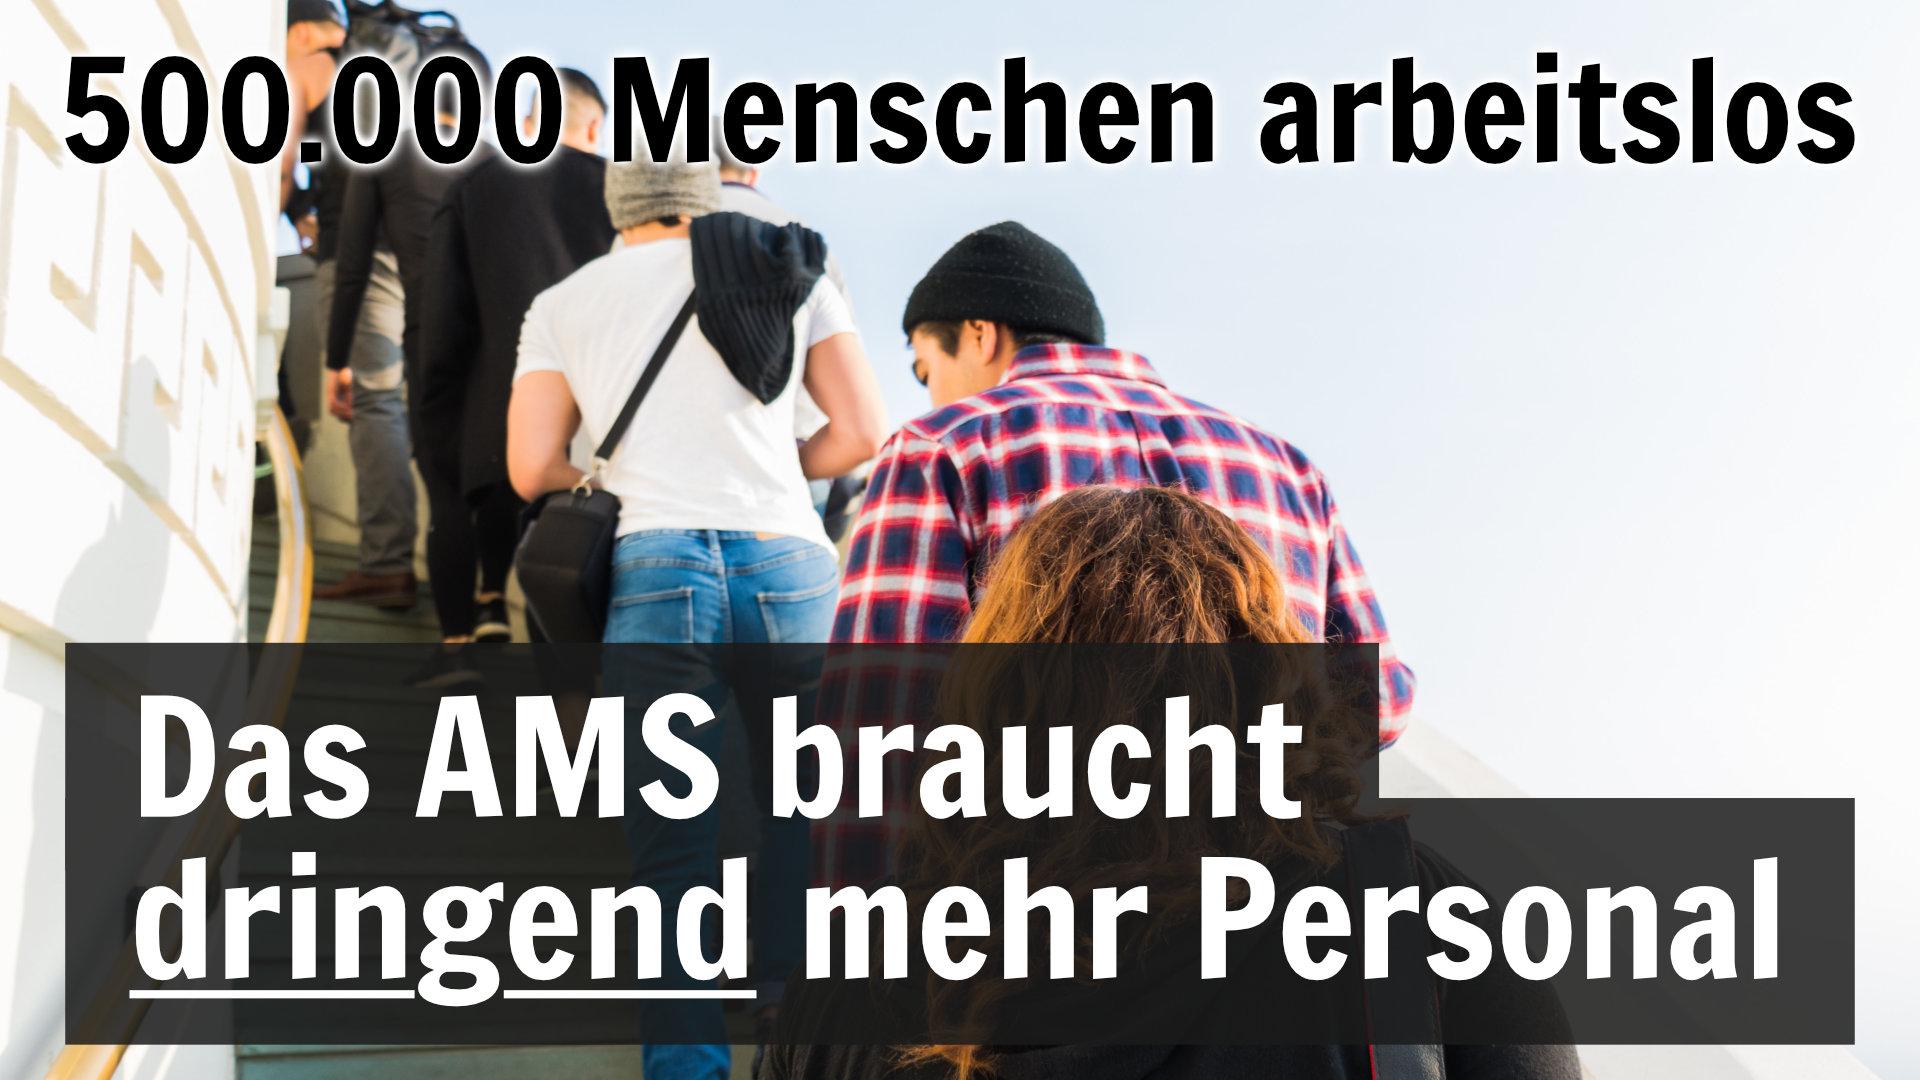 Das AMS braucht dringend mehr Personal!